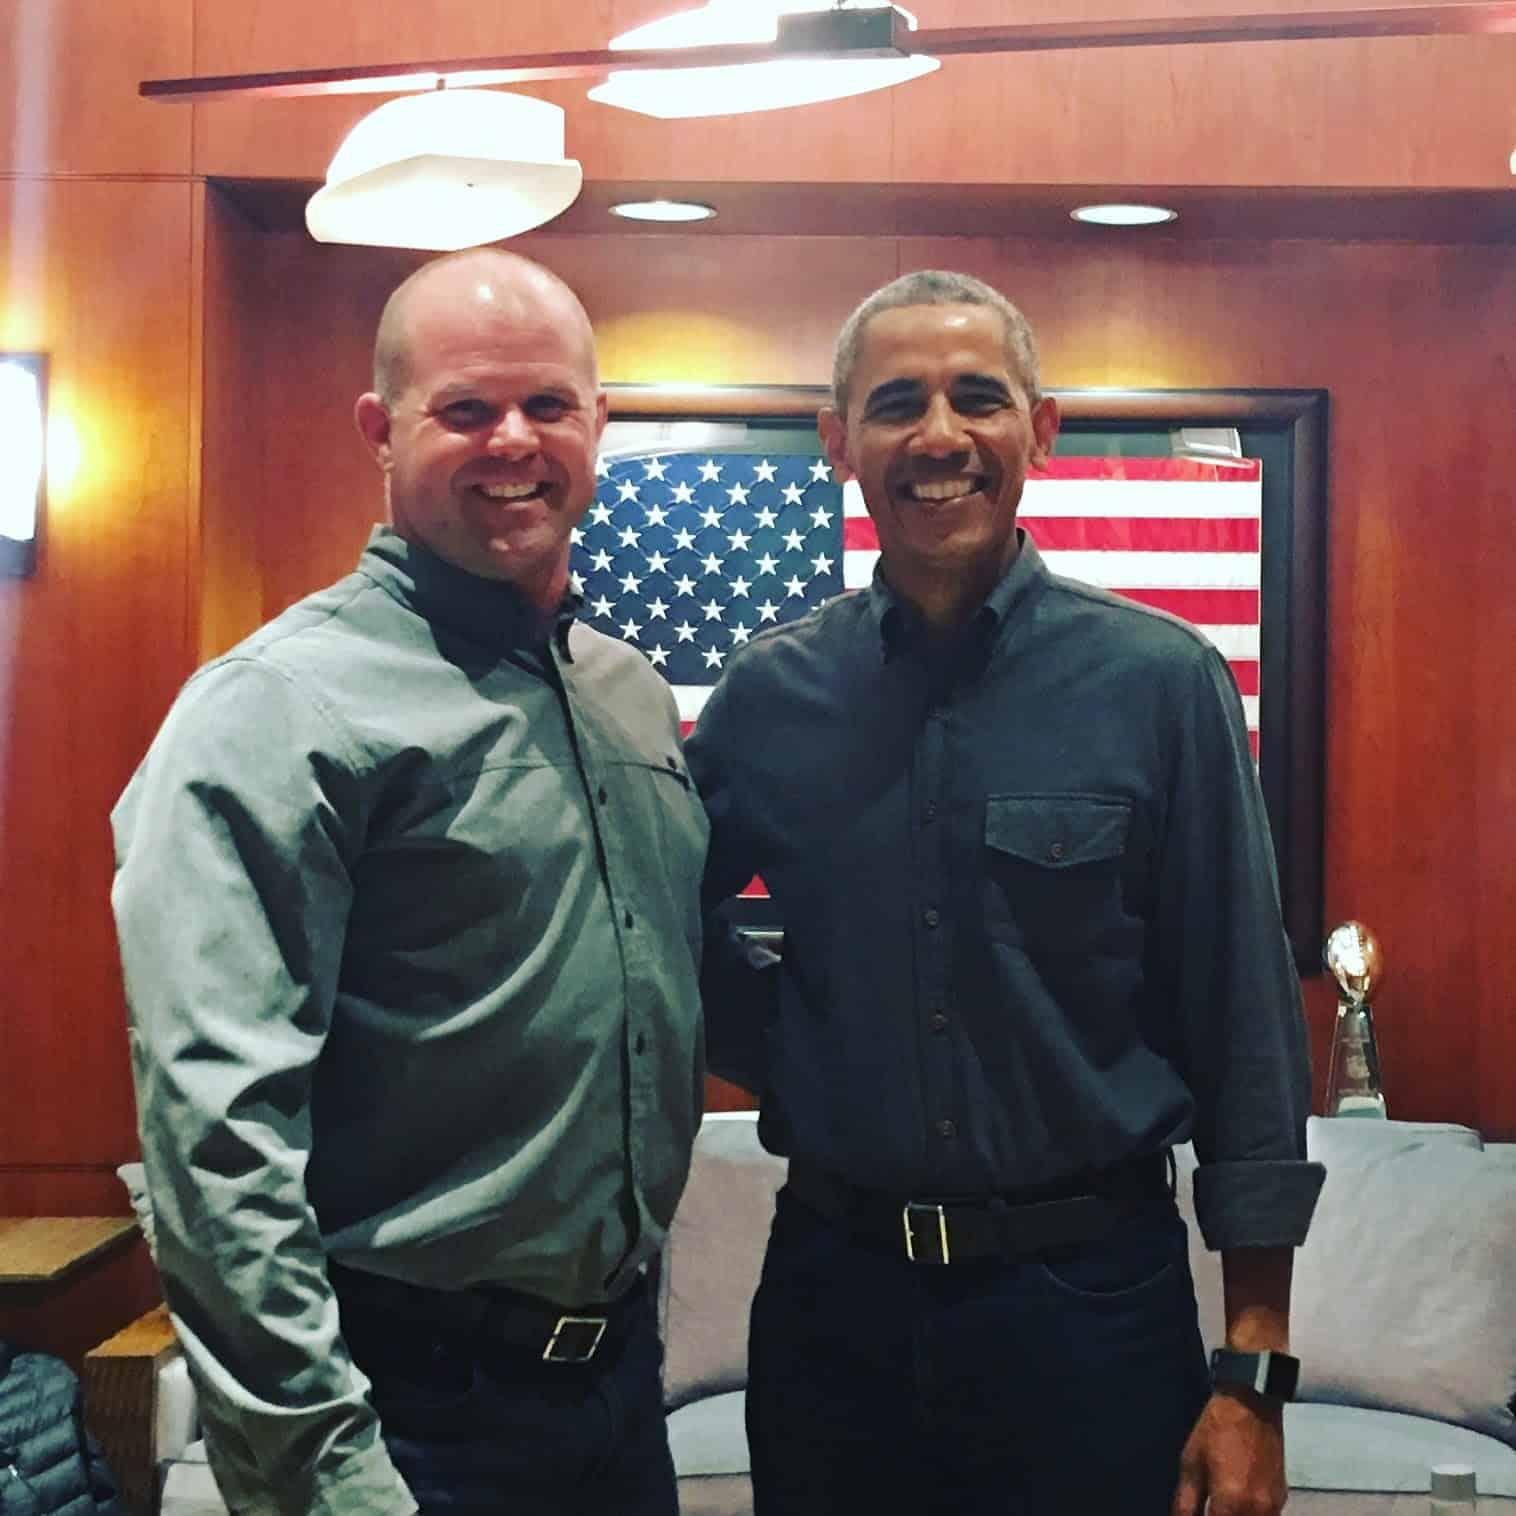 Kelly + Barack Obama